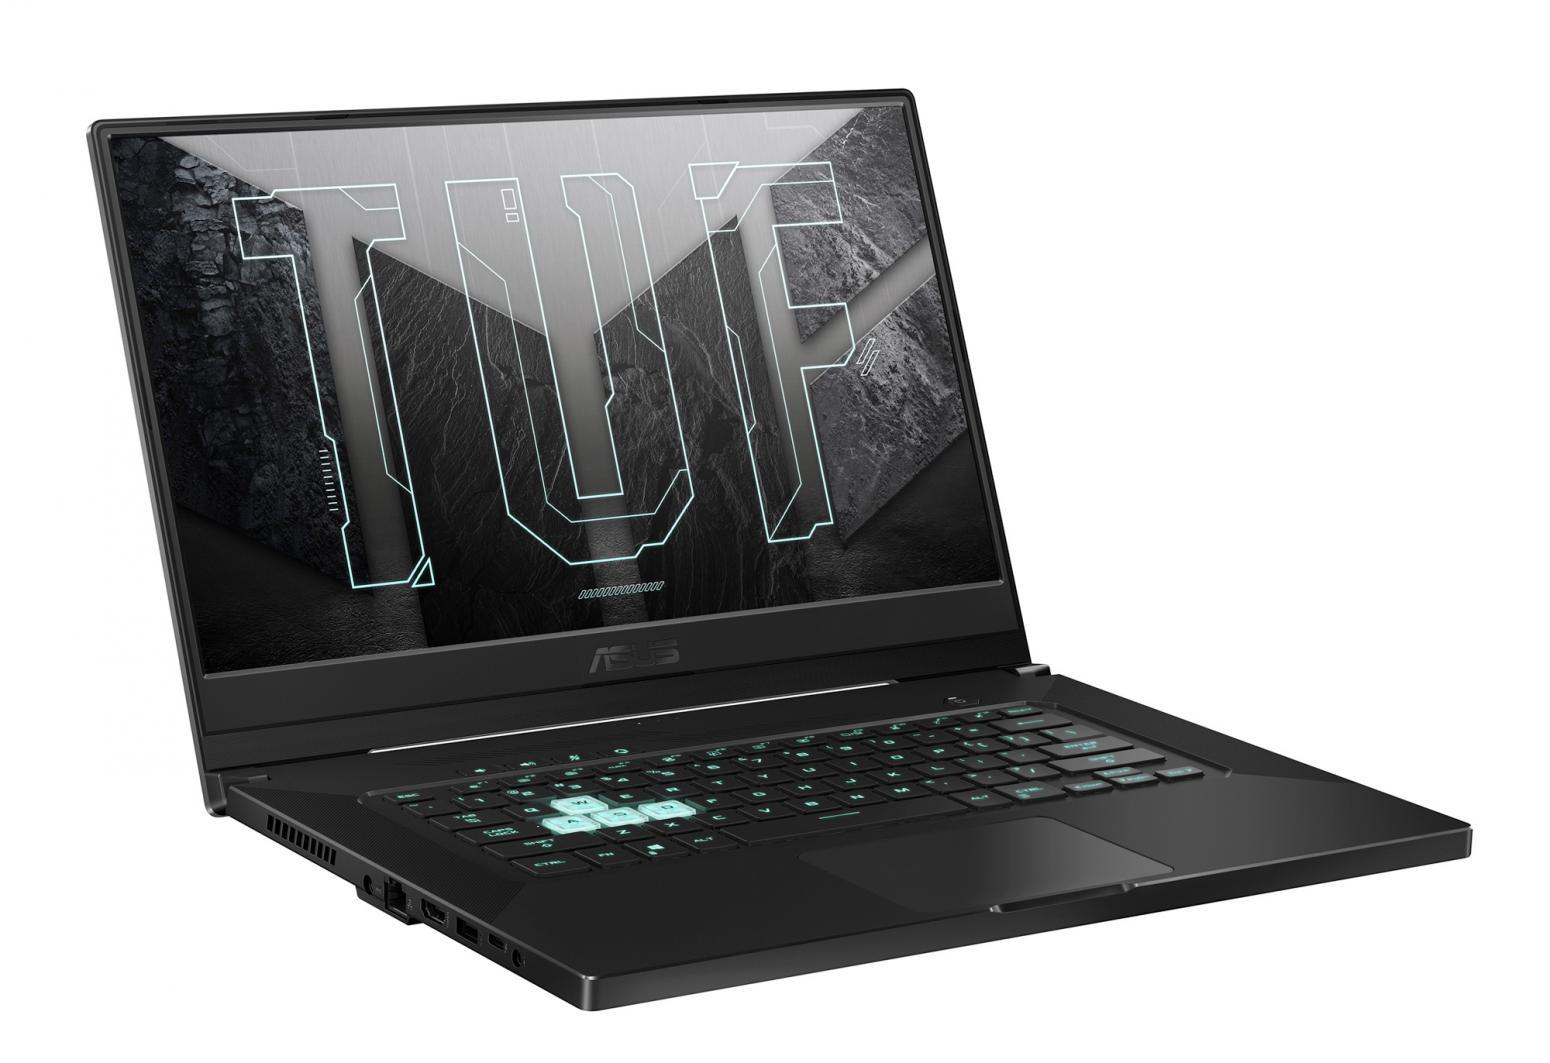 Image du PC portable Asus TUF Dash F15 516PM-AZ066 Gris - RTX 3060, 240Hz, Sans Windows